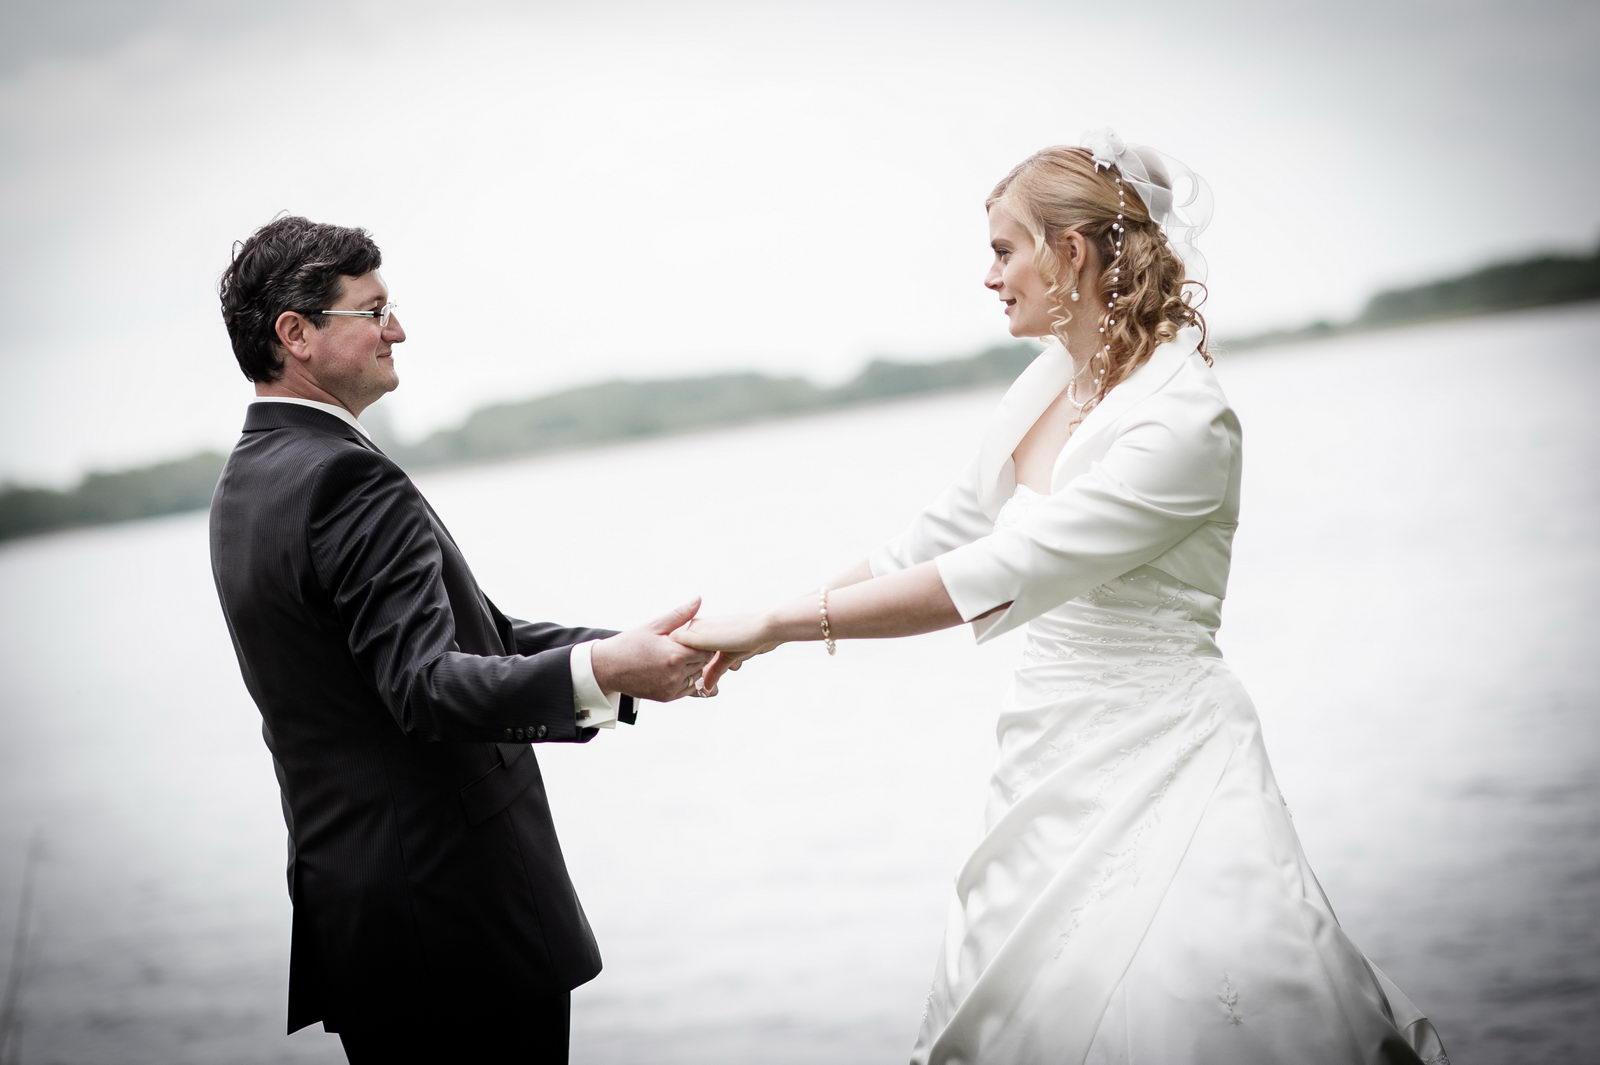 Hochzeitsfotograf, Hochzeit, Brautpaar, Brautpoaarfoto